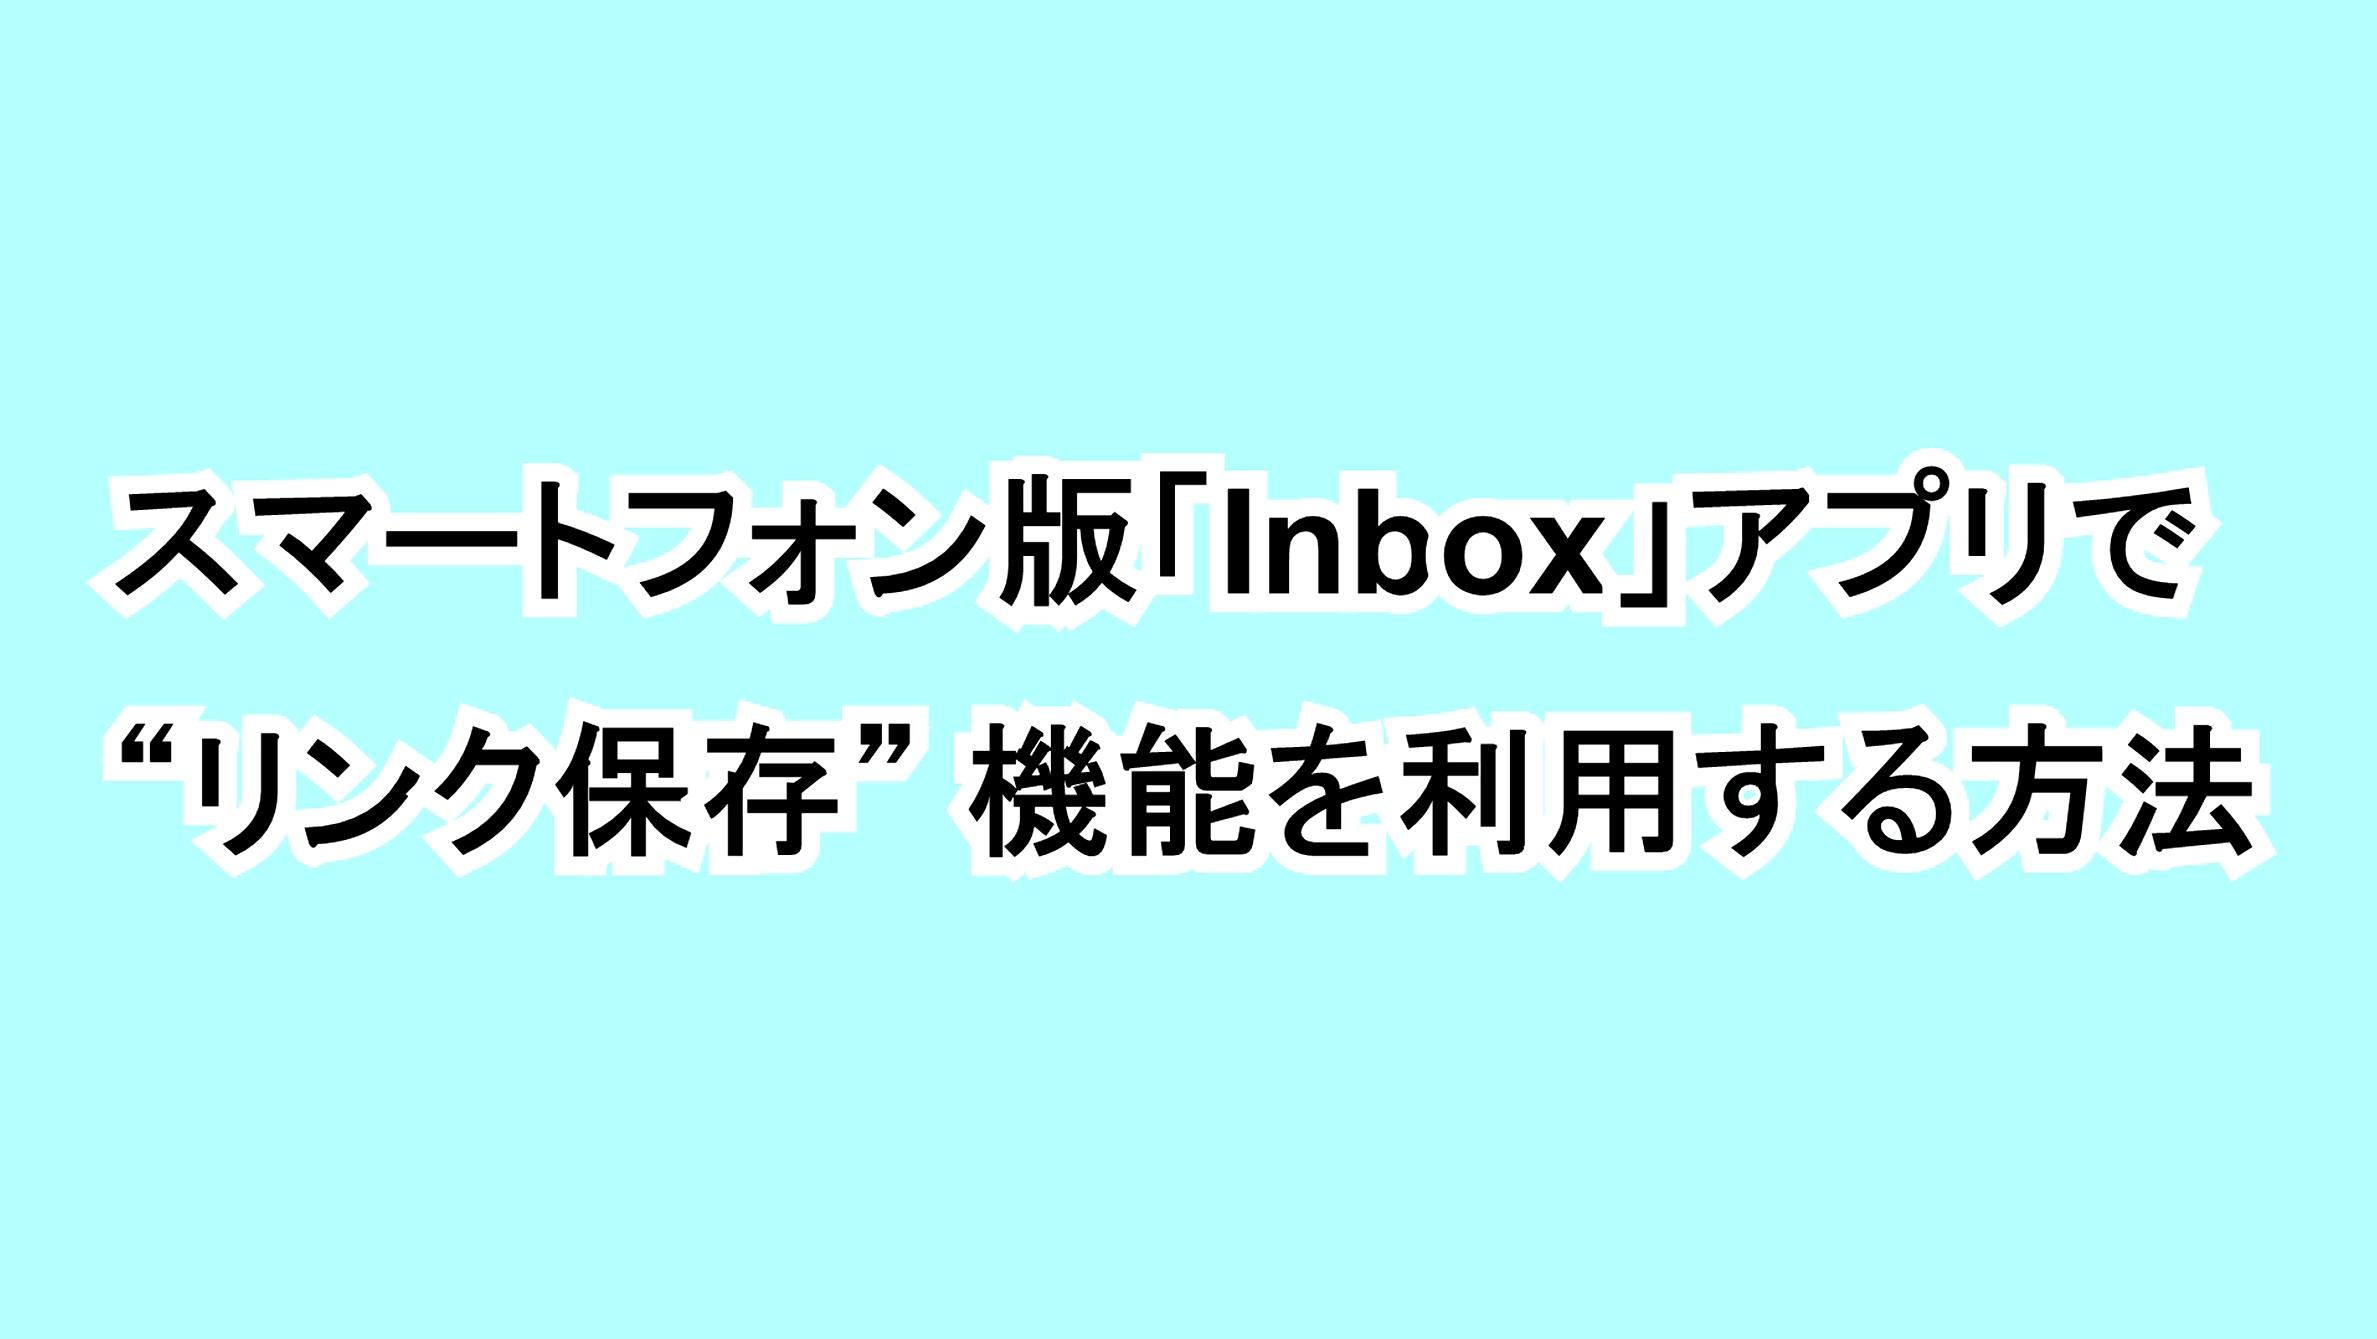 """スマートフォン版「Inbox」アプリで""""リンク保存""""機能を利用する方法"""